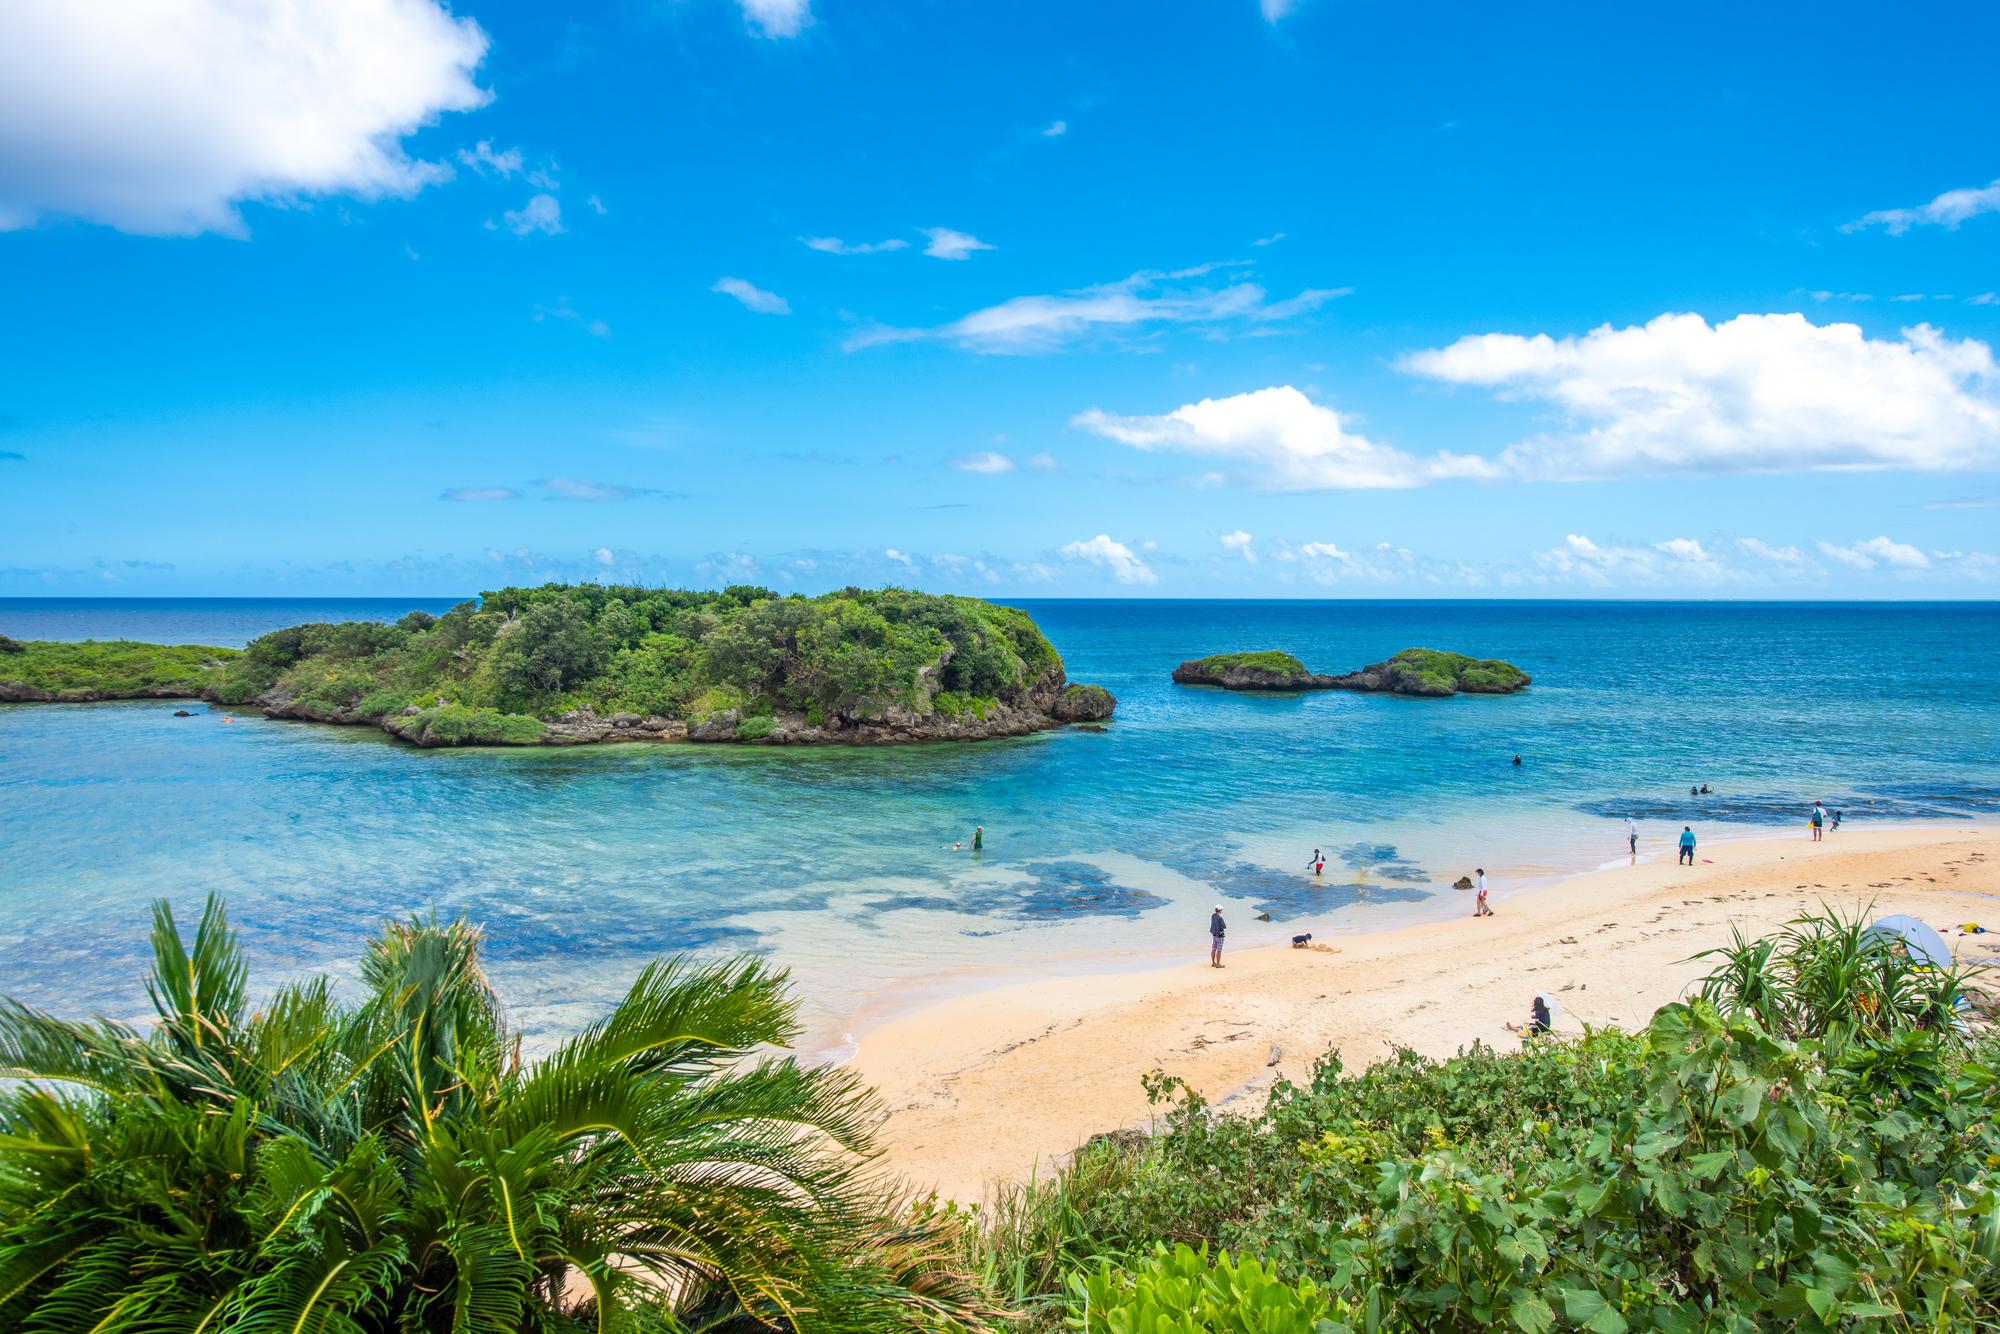 (沖縄県/西表島)「ザ・沖縄」という温かい雰囲気の中でリゾートバイト